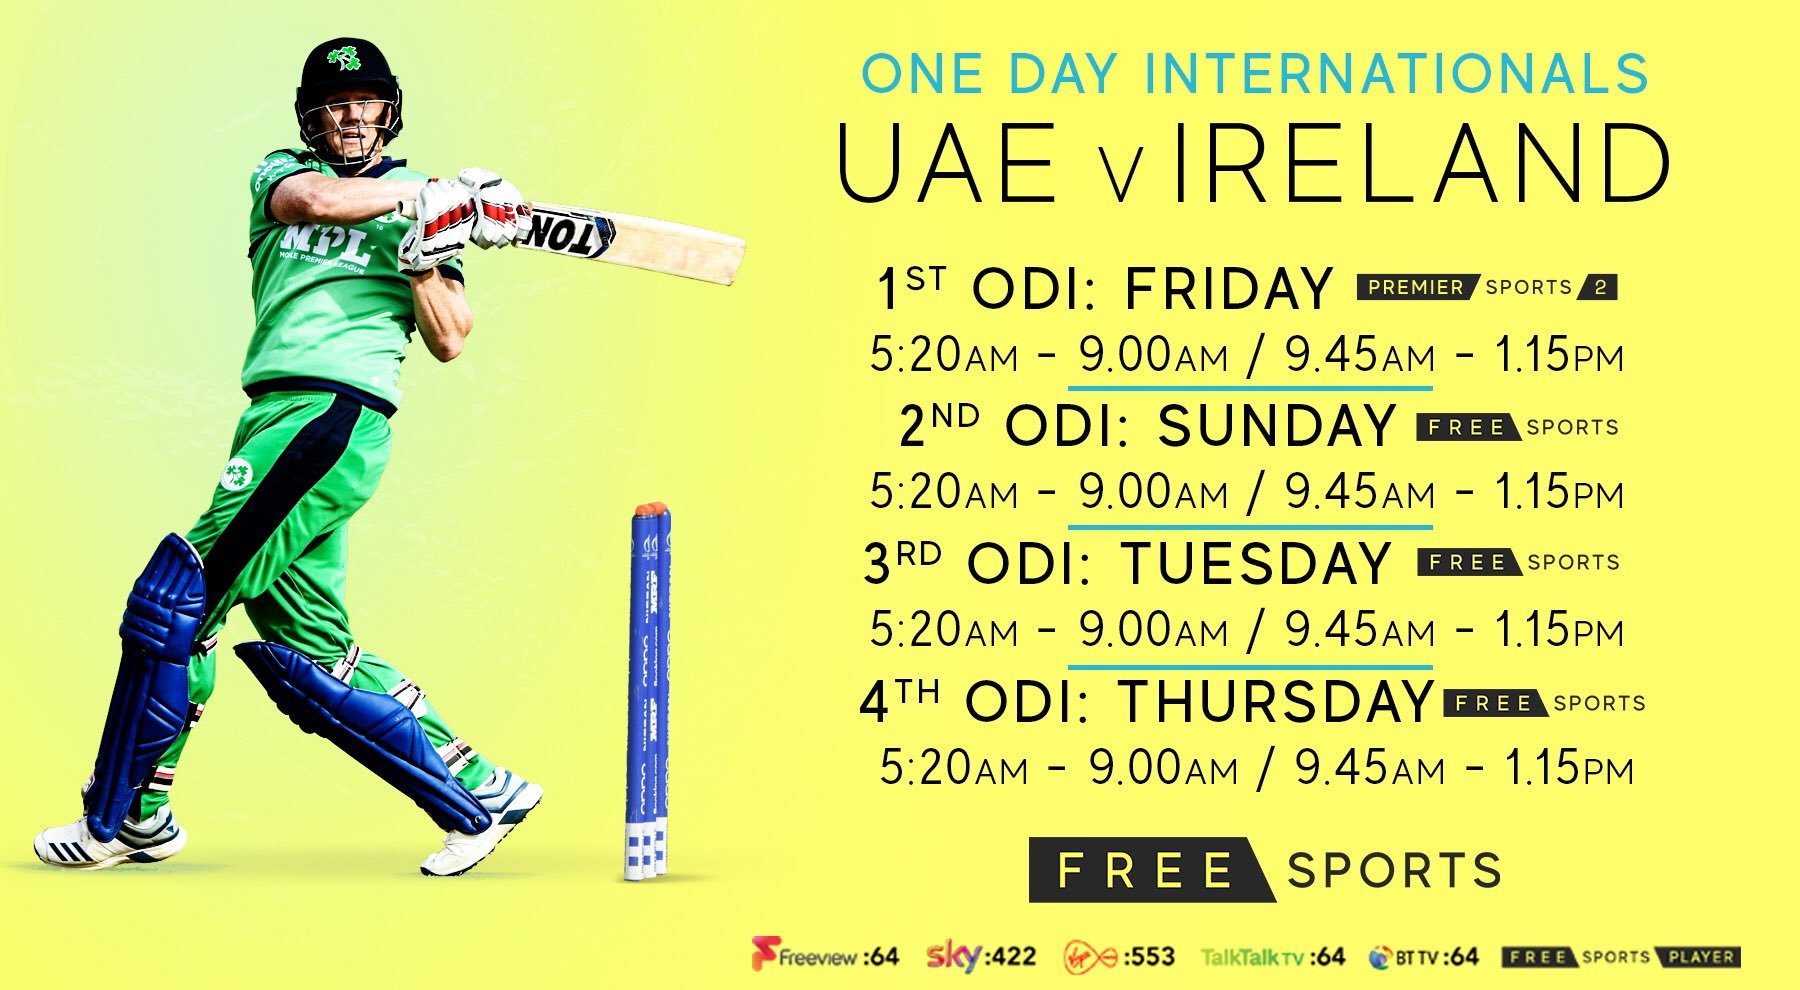 IRE vs UAE 1st ODI live streaming